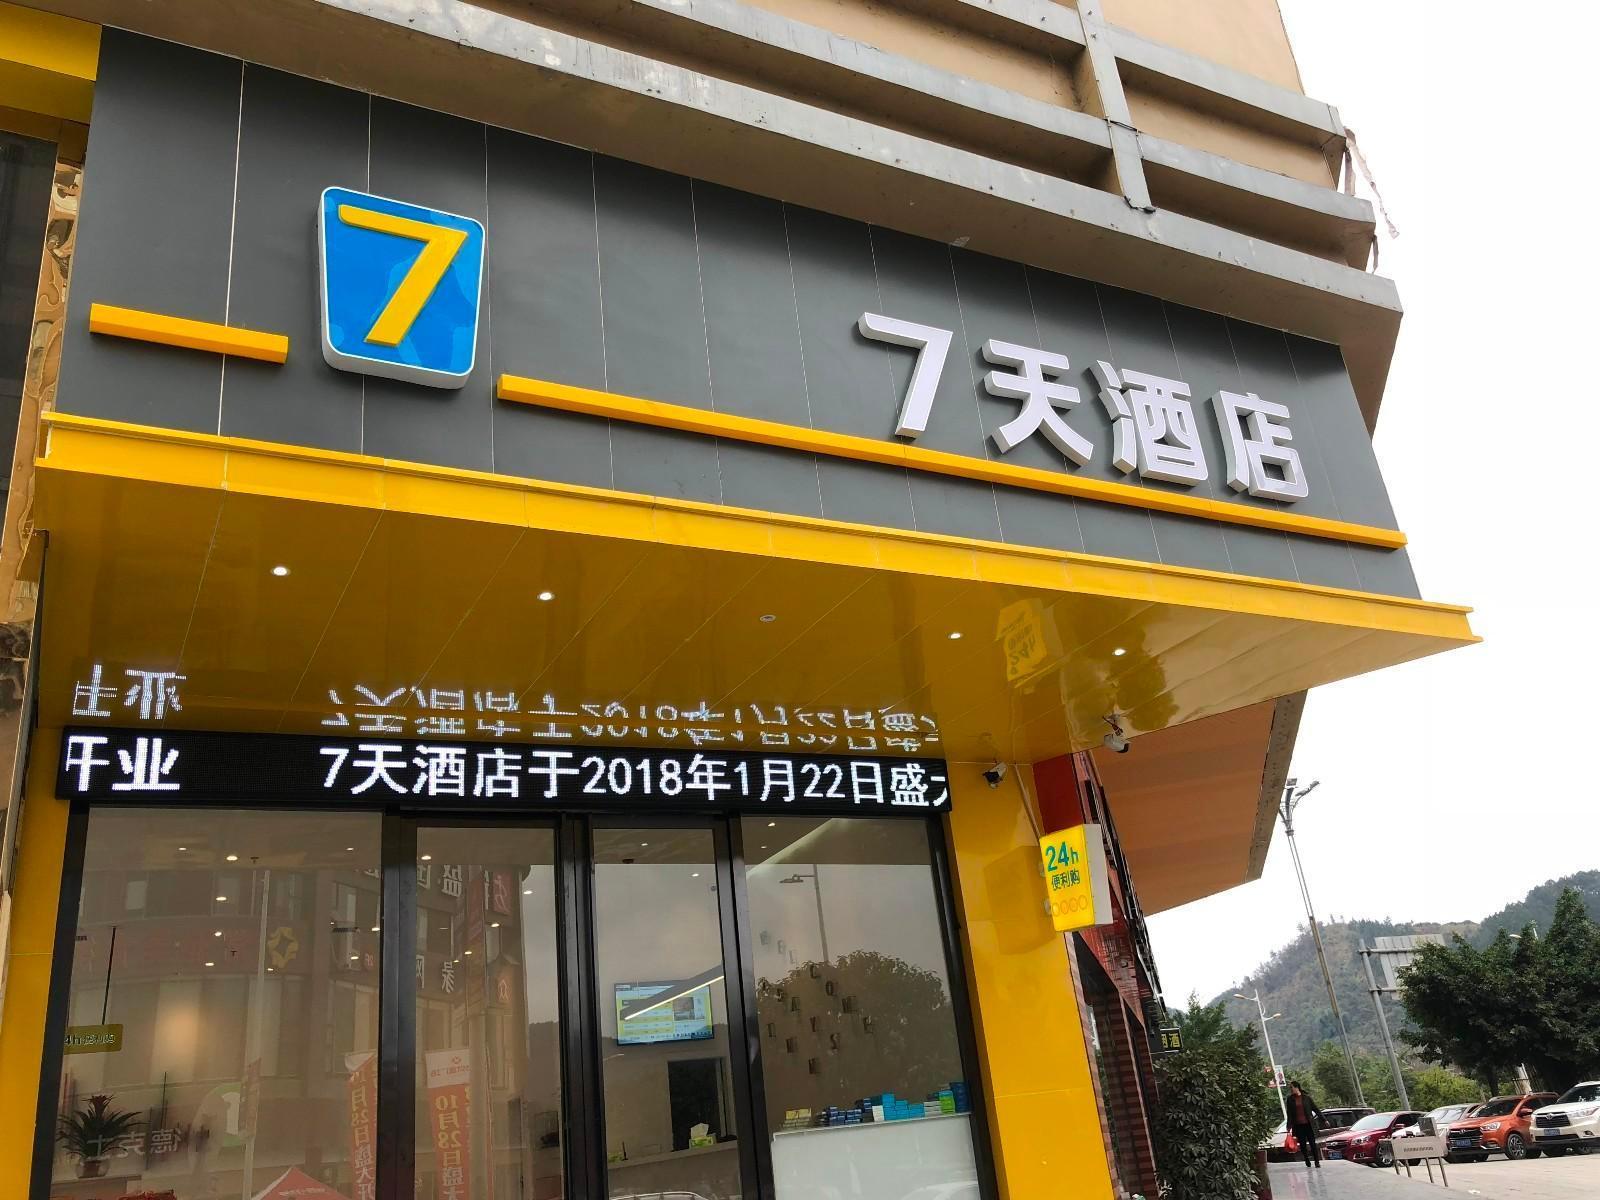 7 Days Inn·Kaili Rongjiang Binjiang Avenue, Qiandongnan Miao and Dong